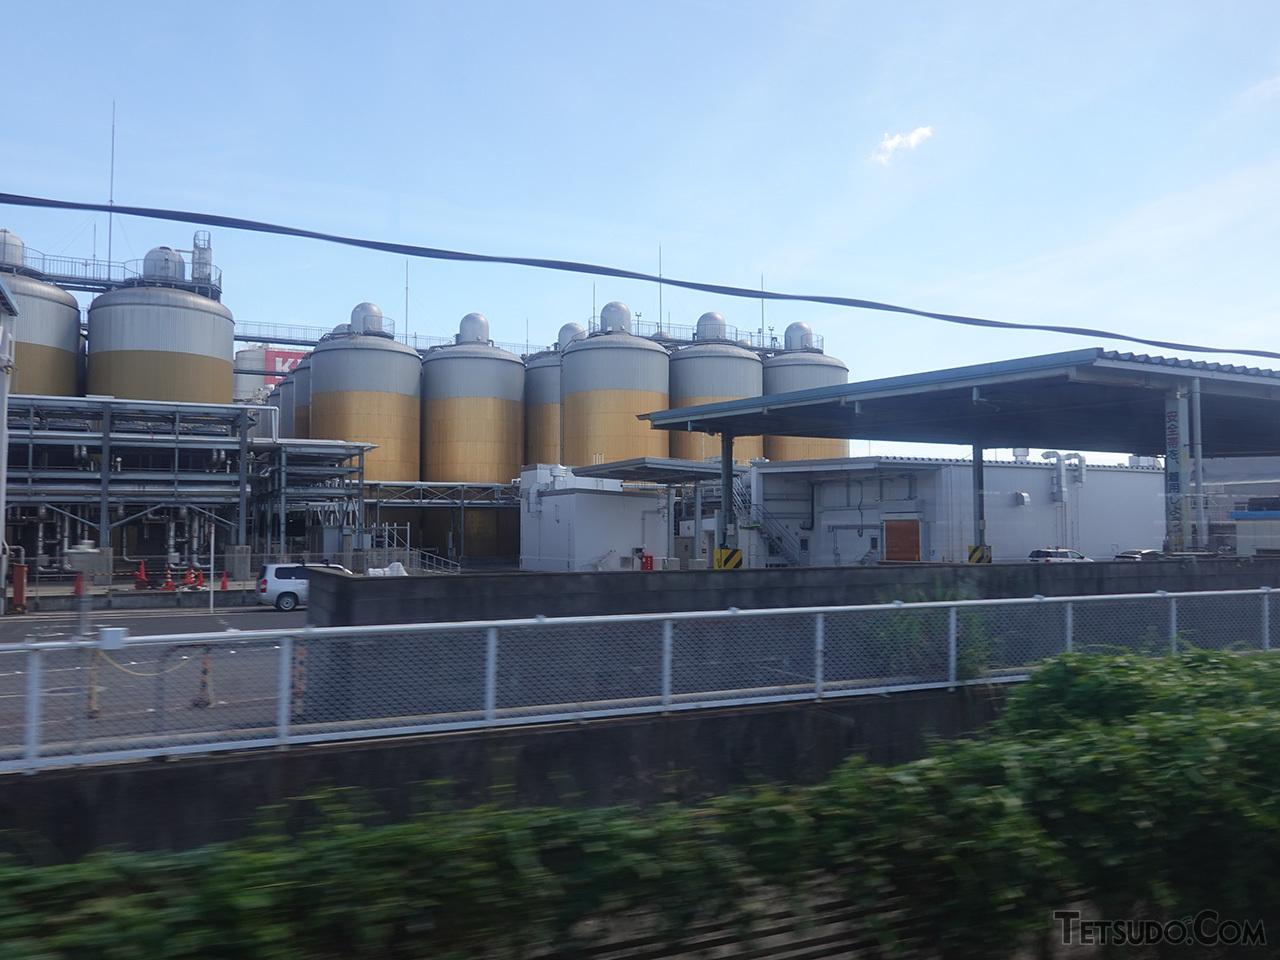 泡3:ビール7の黄金比を発酵タンクで再現した、キリンビール名古屋工場。かつては手前のスペースにも貨物の引込線がありました